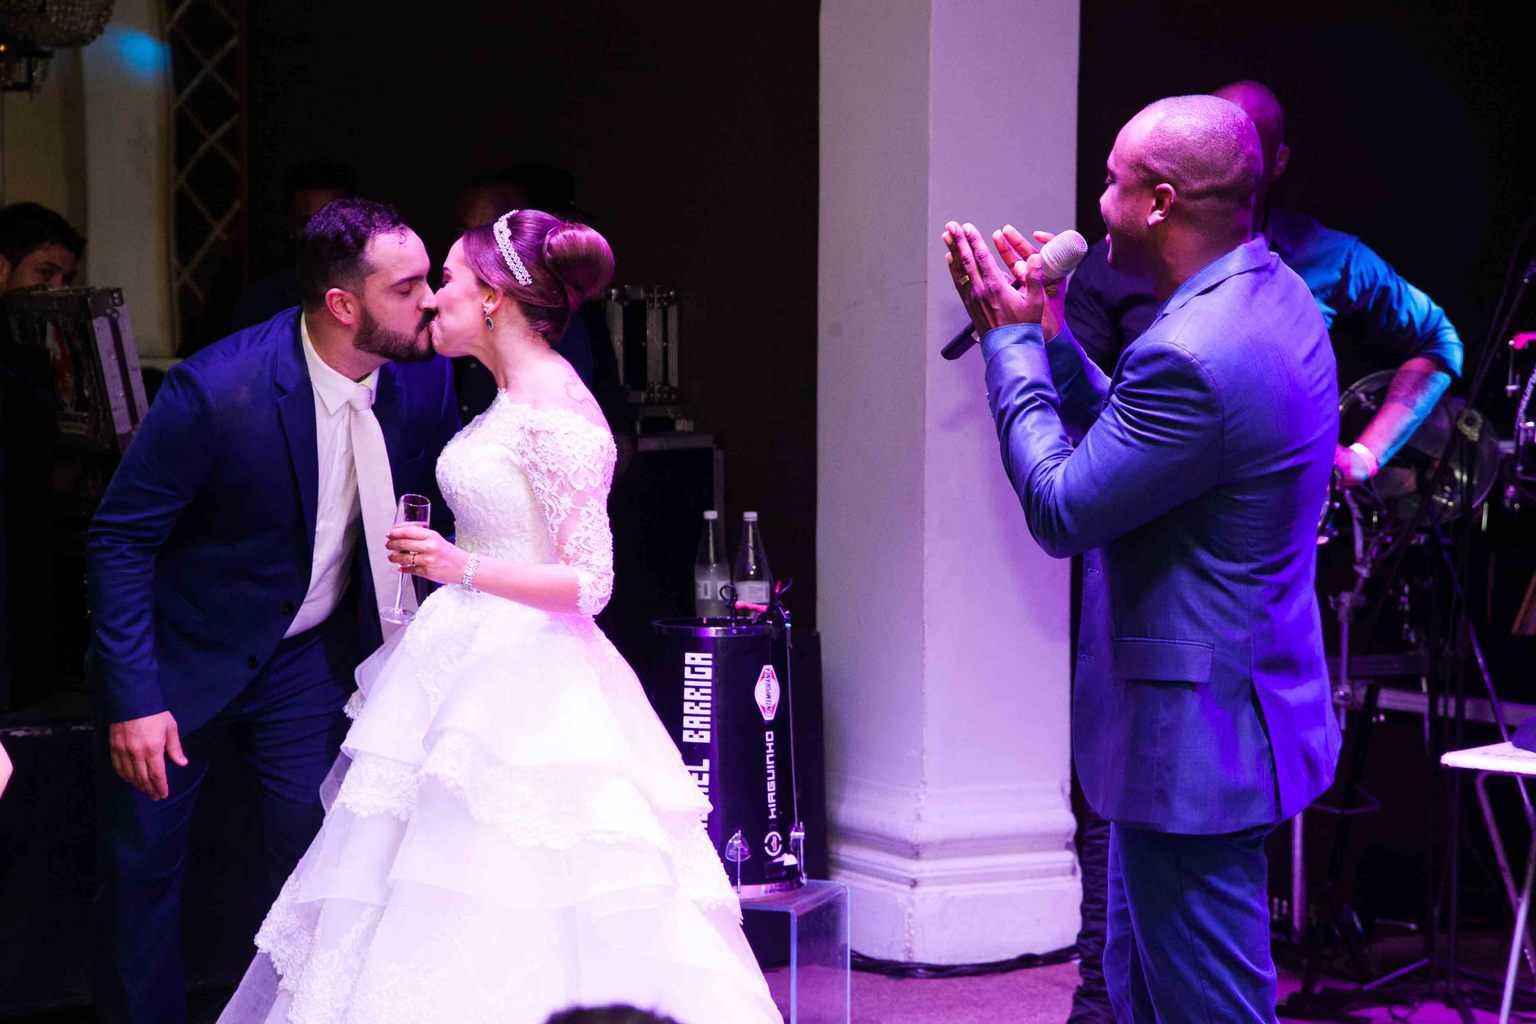 Casamento-Clássico-Casamento-tradicional-Copacabana-Palace-Monica-Roias-Ribas-Foto-e-Vídeo-Thiaguinho-Tuanny-e-Bernardo-CaseMe-9